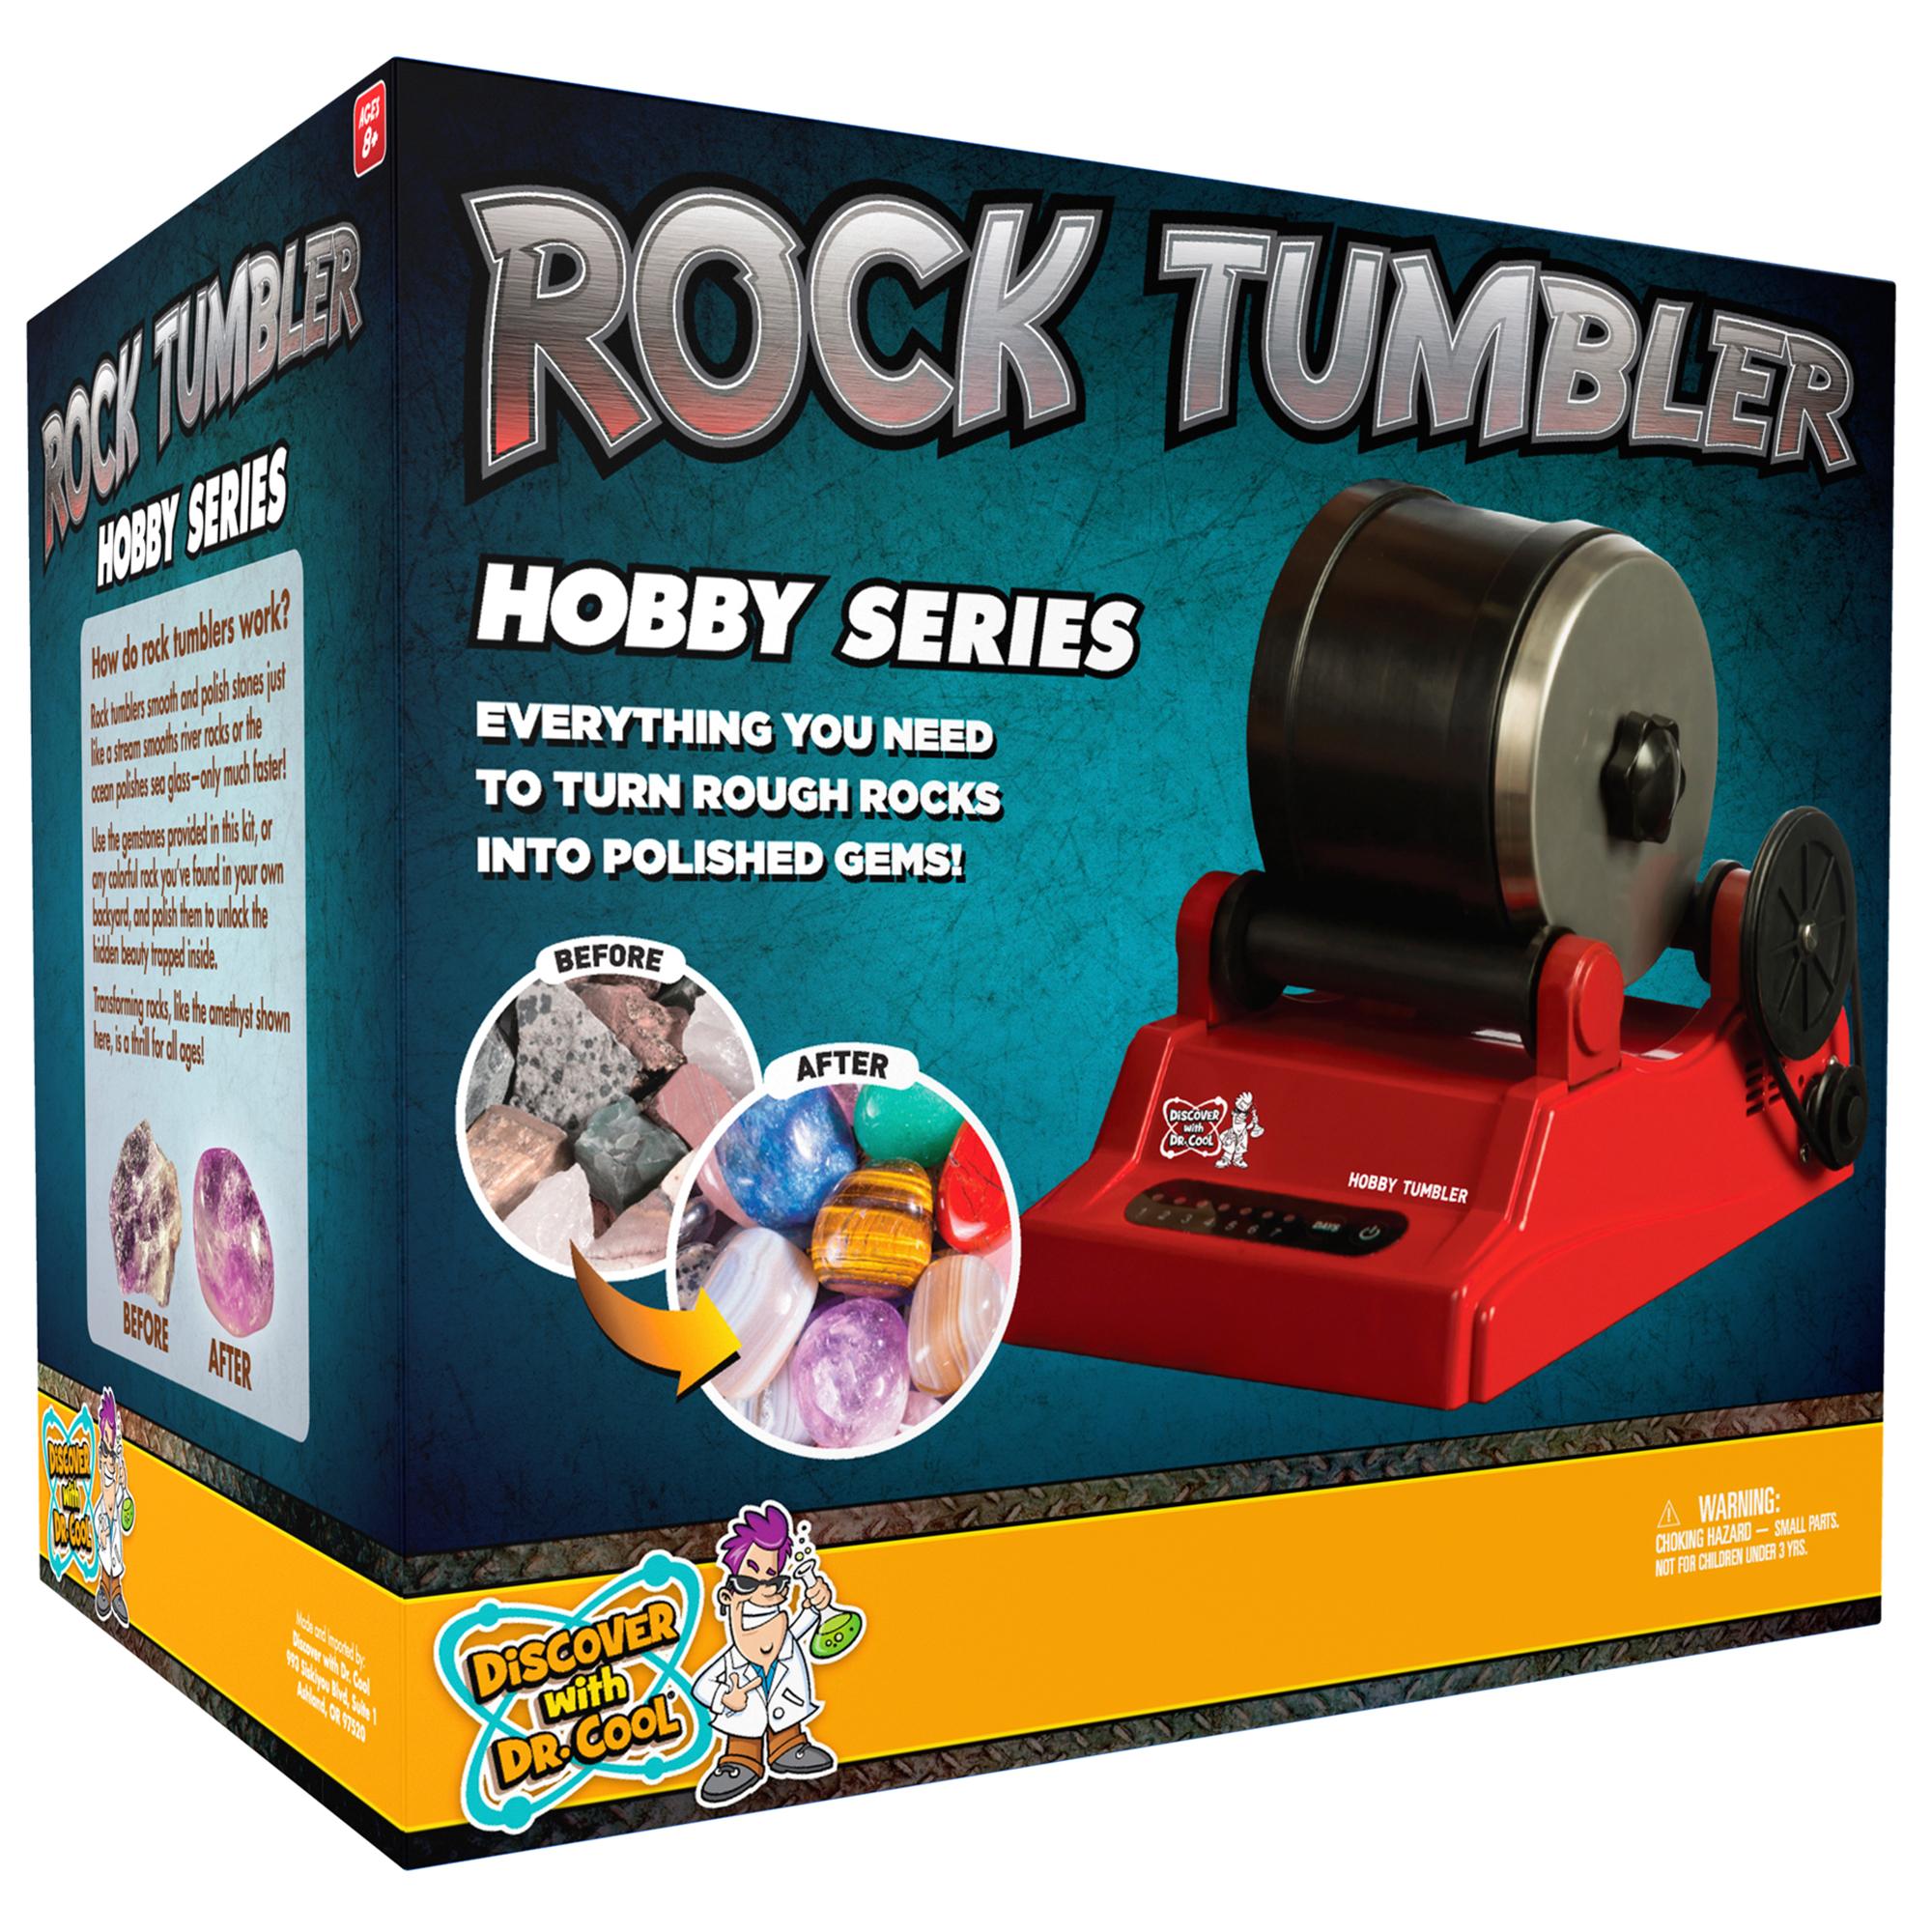 HOBBYTUMBLER_BOX